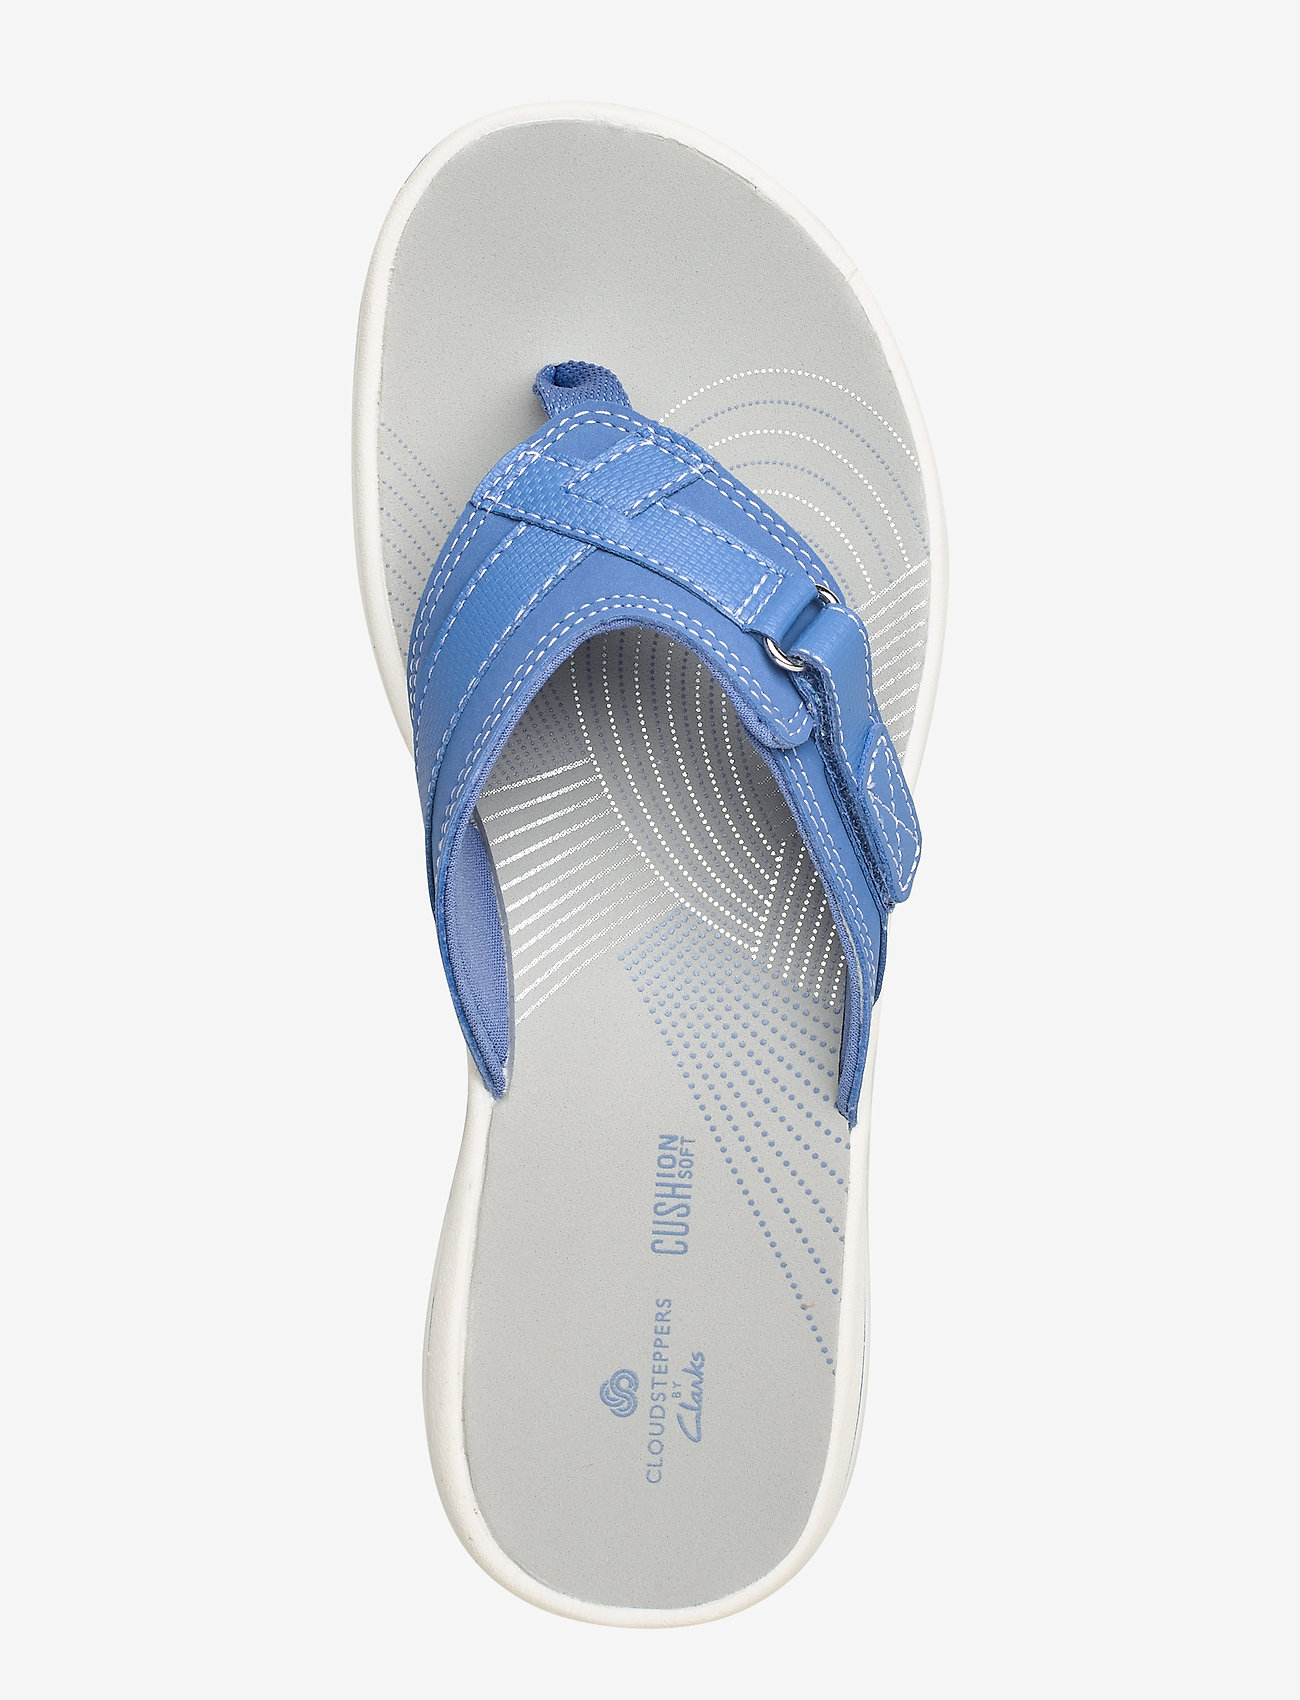 Brinkley Sea (Blue) - Clarks